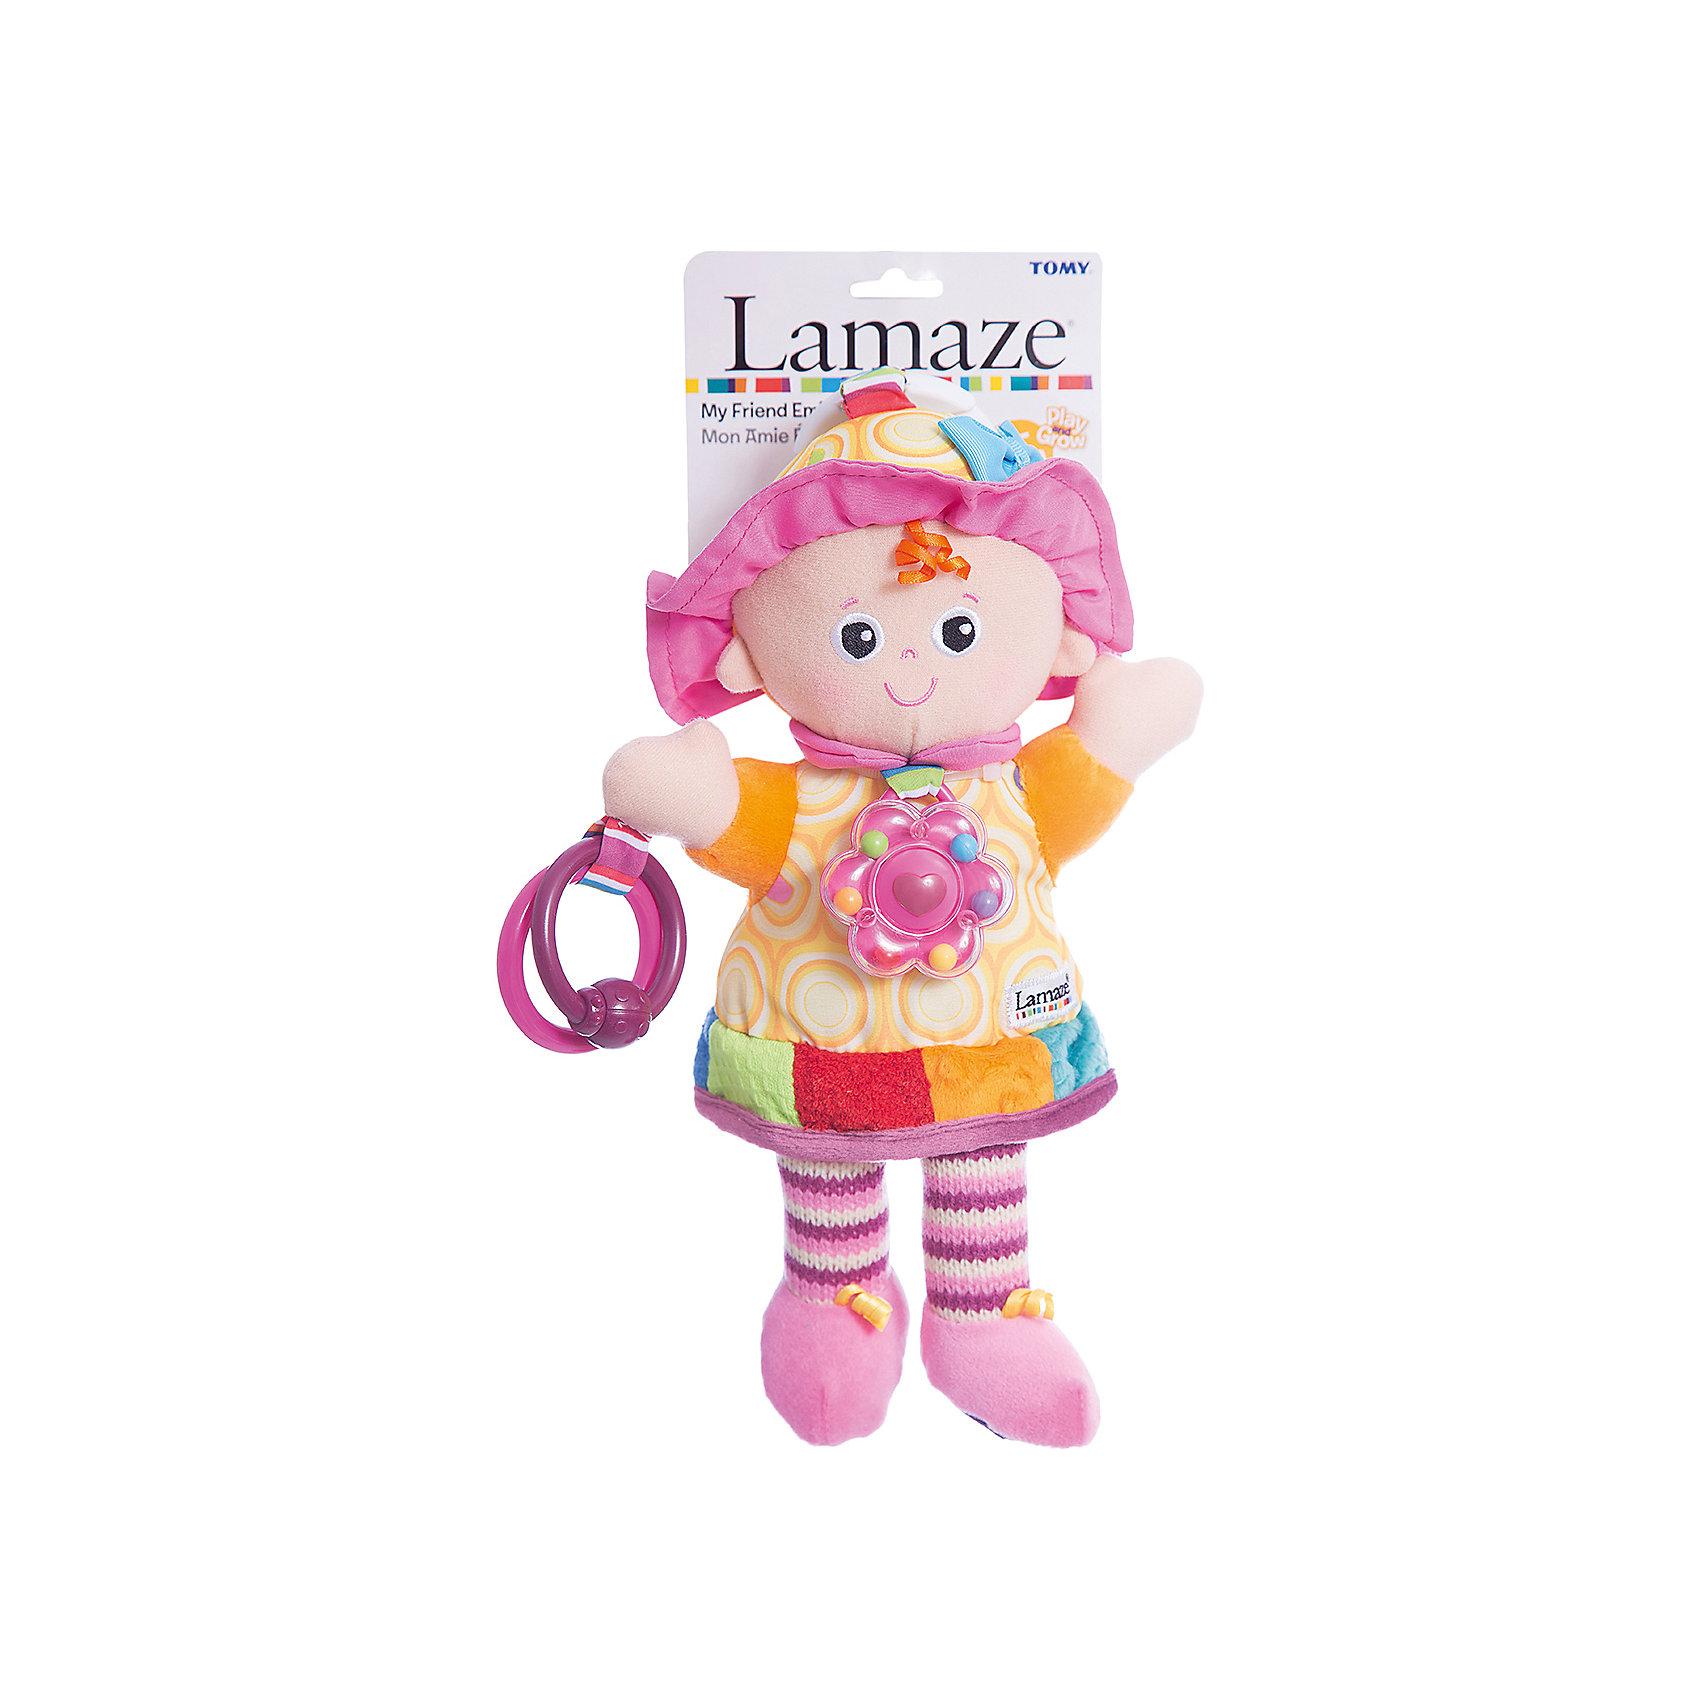 Игрушка Моя Подружка Эмили, LamazeПодвески<br>Яркая игрушка для самых маленьких обязательно полюбится крохе. Кукла выполнена из разноцветных материалов различной фактуры, что позволяет развивать мелкую моторику, сенсорное и цветовое восприятие. Платье куколки приятно на ощупь и замечательно шуршит, на груди расположена яркая погремушка. В руках у Эмили два колечка, к которым можно прикрепить что угодно или же использовать их как прорезыватели. В верхней части располагается колечко, за которое можно прикрепить игрушку к кроватке, коляске или манежу.<br>Игрушка выполнена из гипоаллергенных материалов, безопасных для детей.<br><br>Дополнительная информация:<br><br>- Материал: пластик, текстиль.<br>- Размер: 29х14х8 см.<br>- Цвет: разноцветный.<br>- Звуковые эффекты: погремушка.<br><br>Игрушку Моя Подружка Эмили, Lamaze можно купить в нашем магазине.<br><br>Ширина мм: 210<br>Глубина мм: 110<br>Высота мм: 380<br>Вес г: 170<br>Возраст от месяцев: 0<br>Возраст до месяцев: 24<br>Пол: Унисекс<br>Возраст: Детский<br>SKU: 1860556